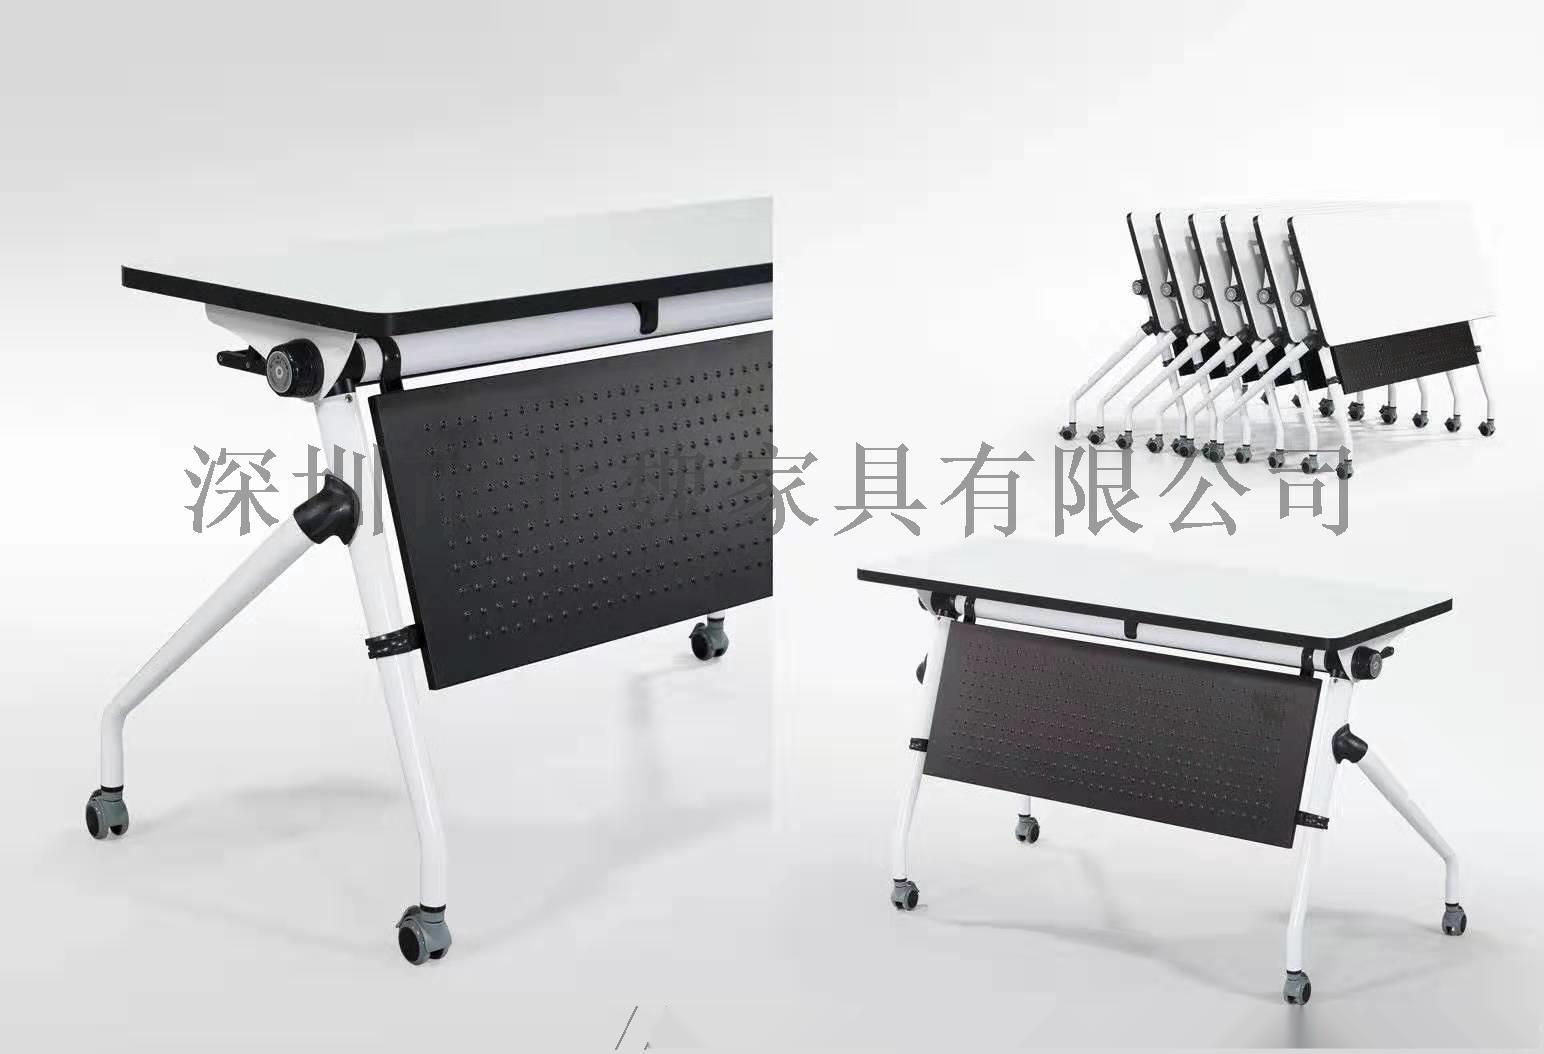 现代折叠培训桌椅-培训班折叠桌椅-可移动拼接桌椅123031295